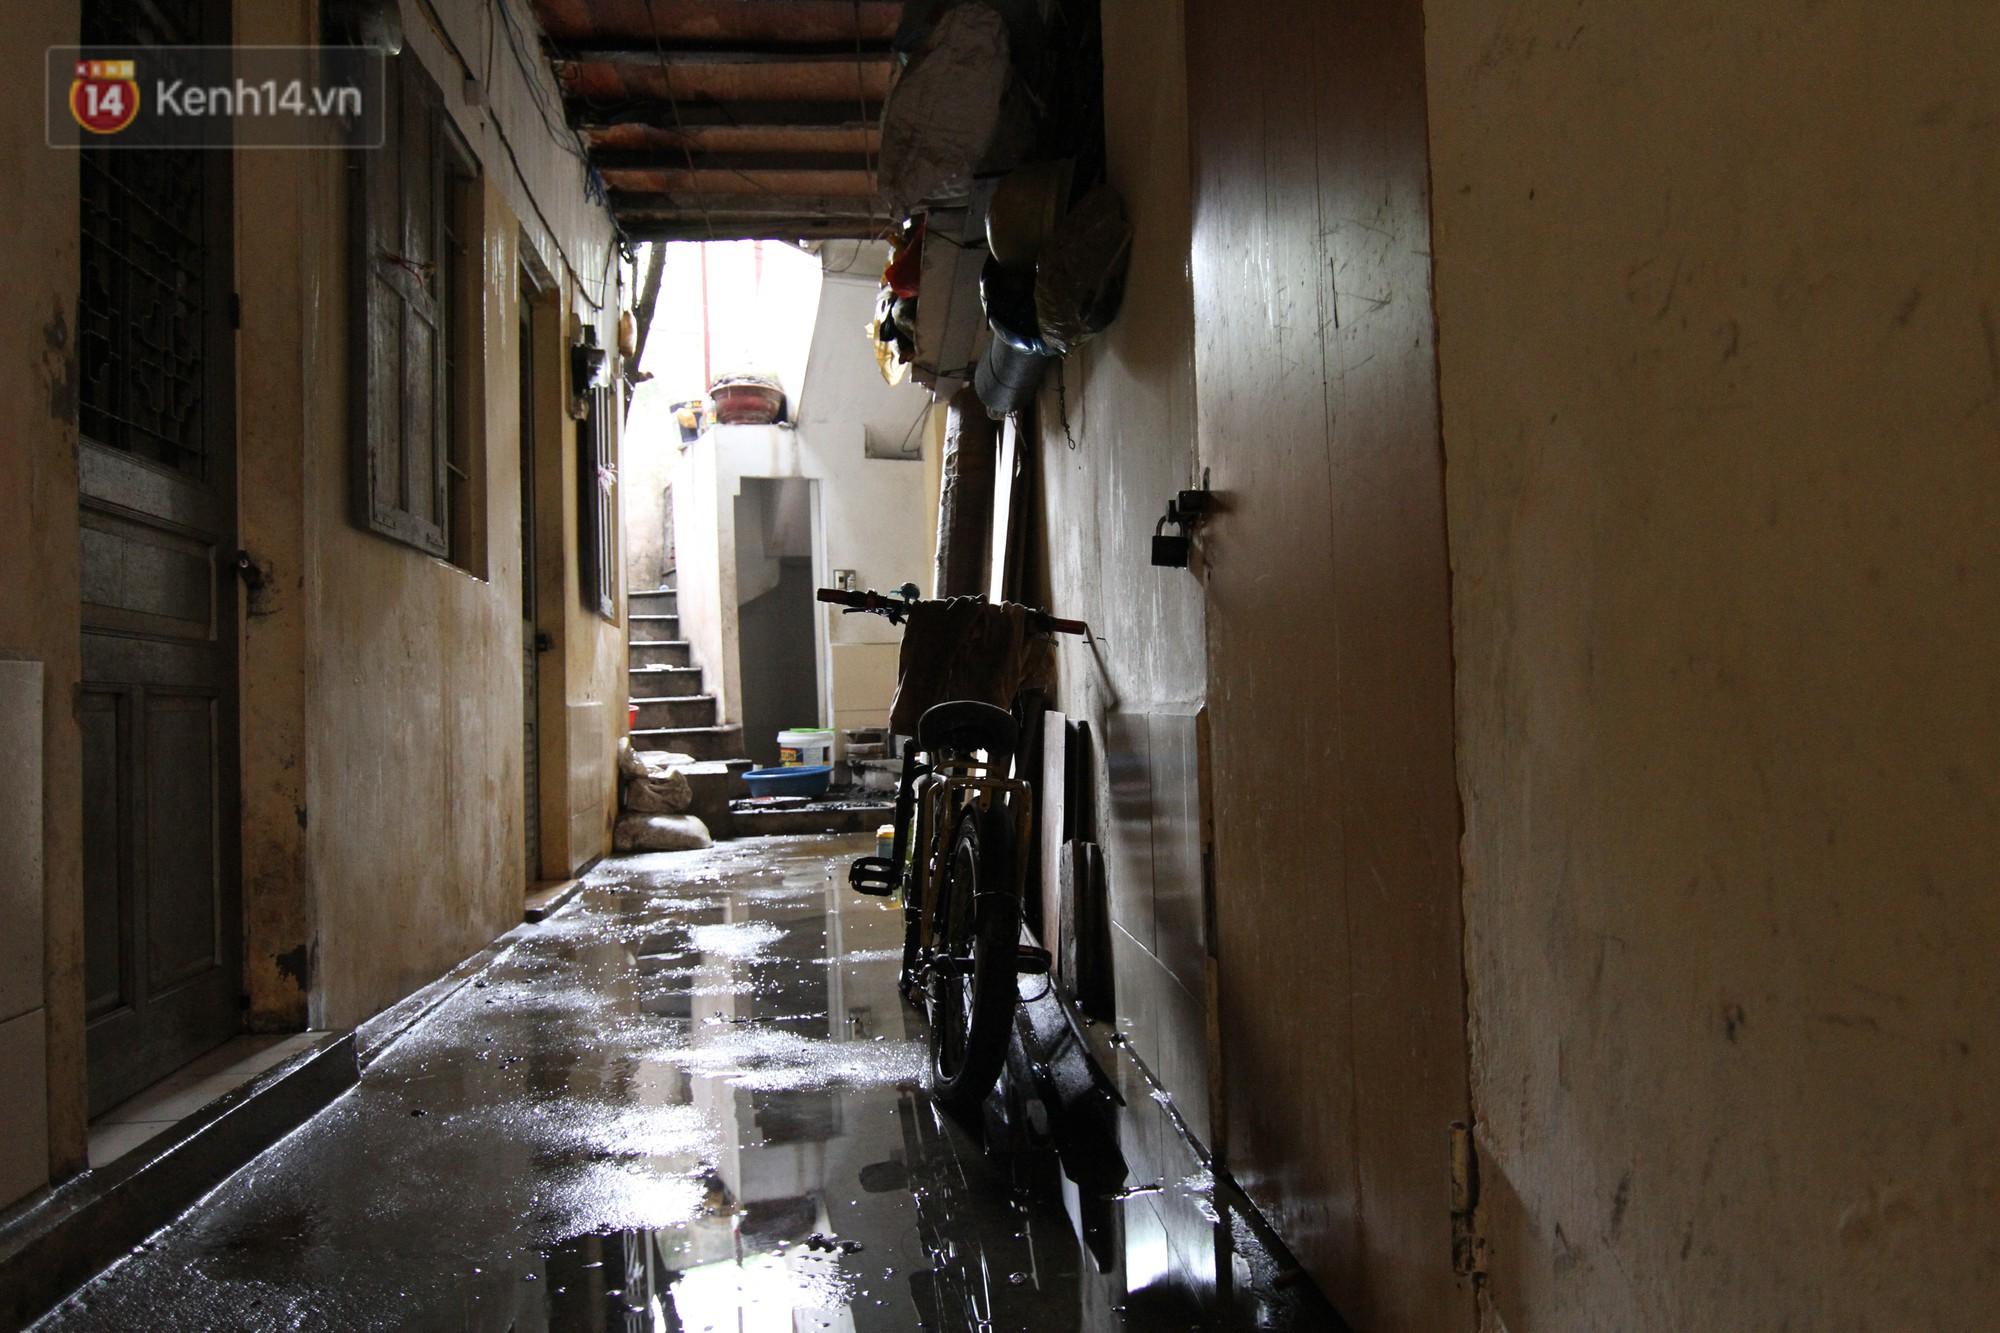 Ảnh: Khung cảnh tan hoang bên trong dãy trọ bị 'giặc lửa' thiêu rụi ở Hà Nội 20